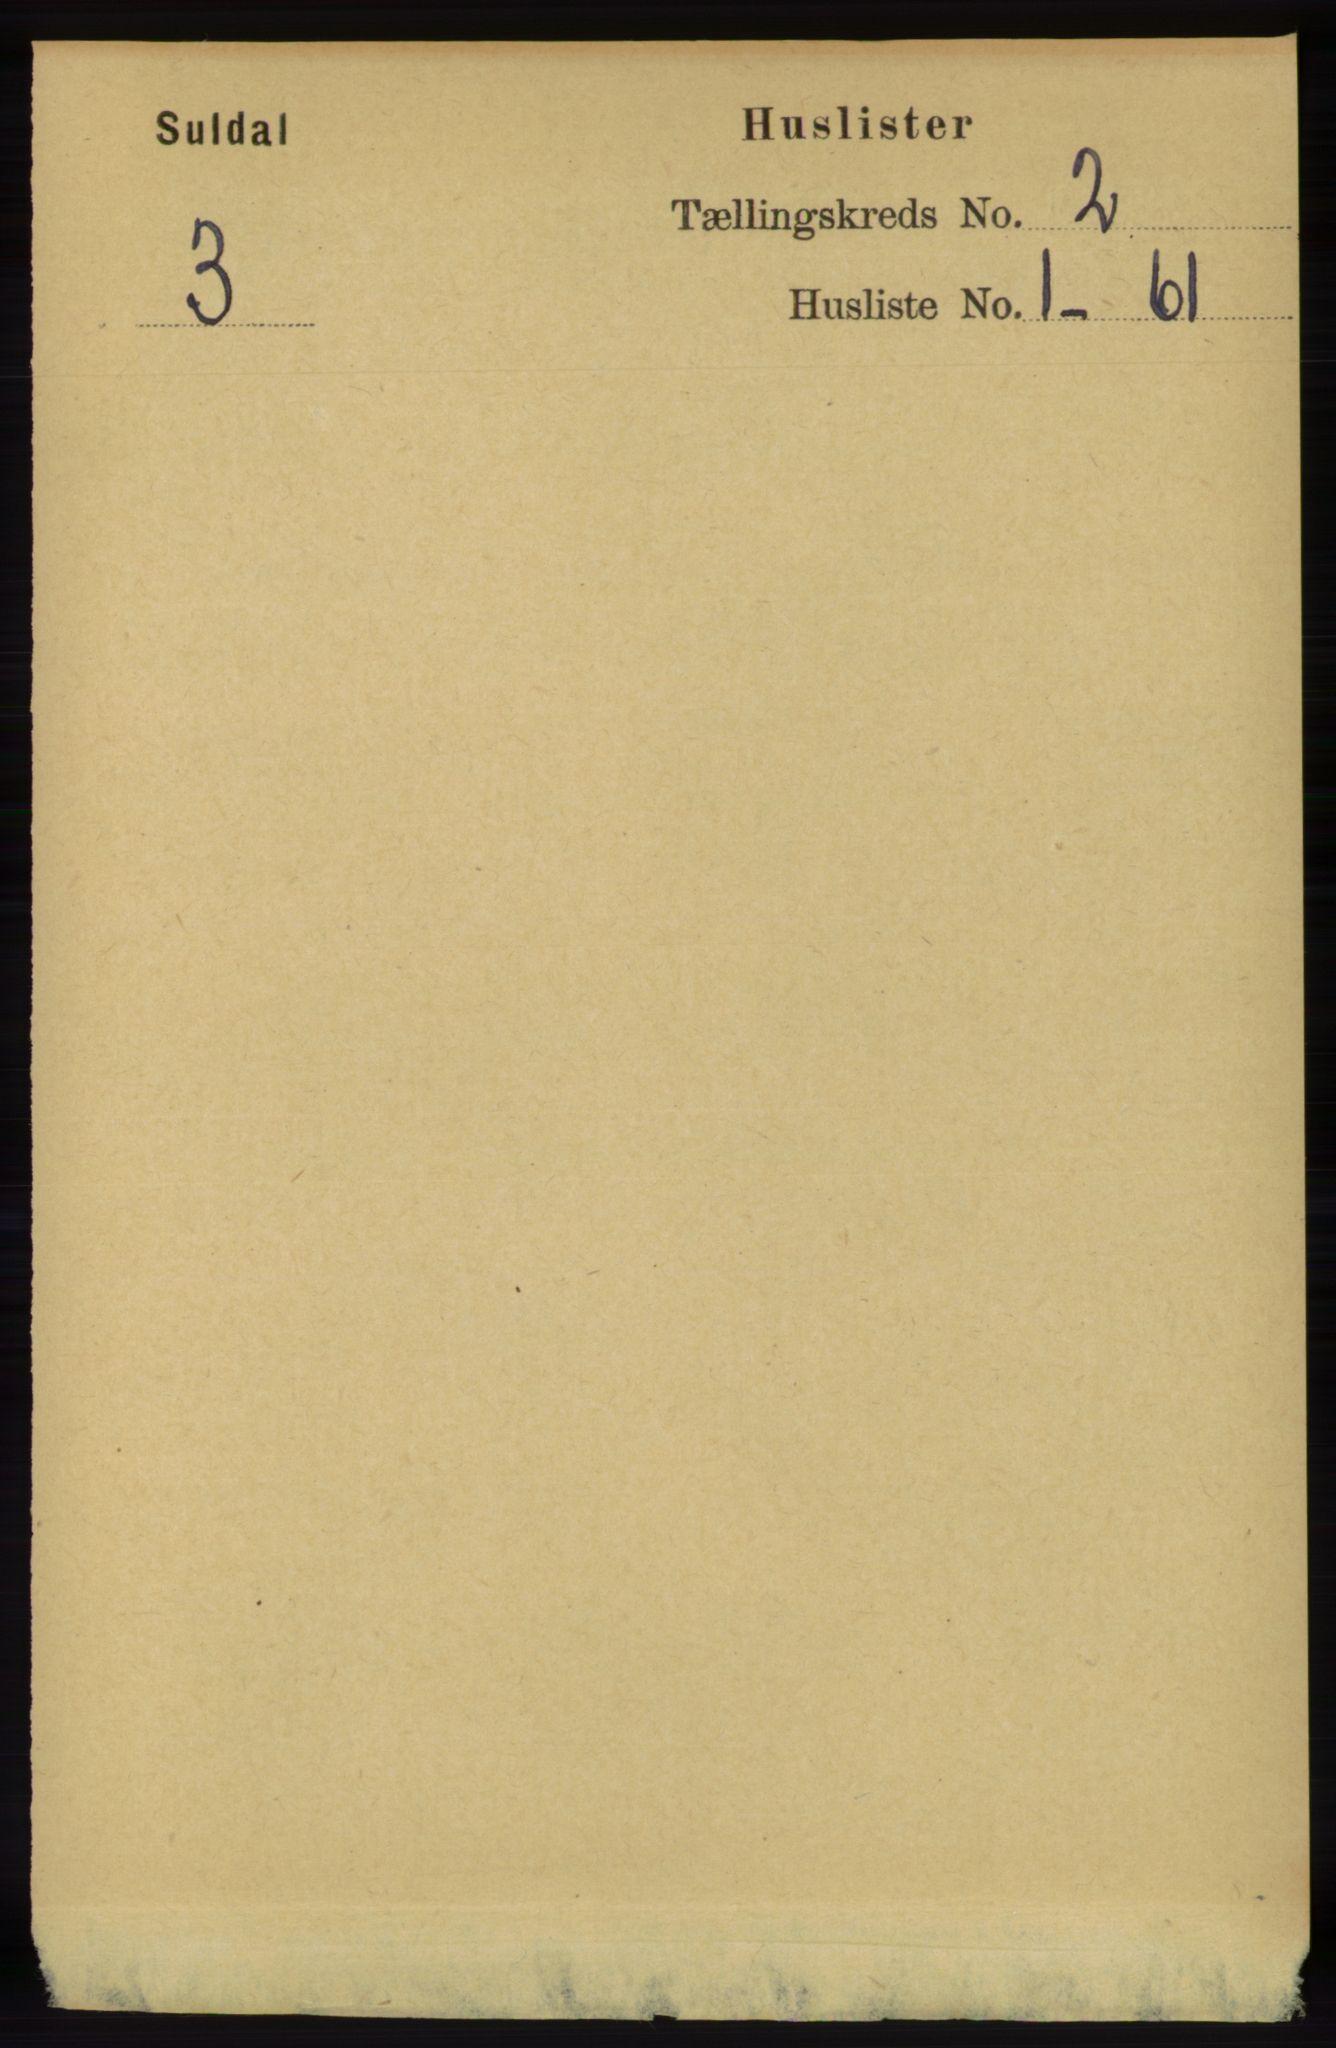 RA, Folketelling 1891 for 1134 Suldal herred, 1891, s. 194